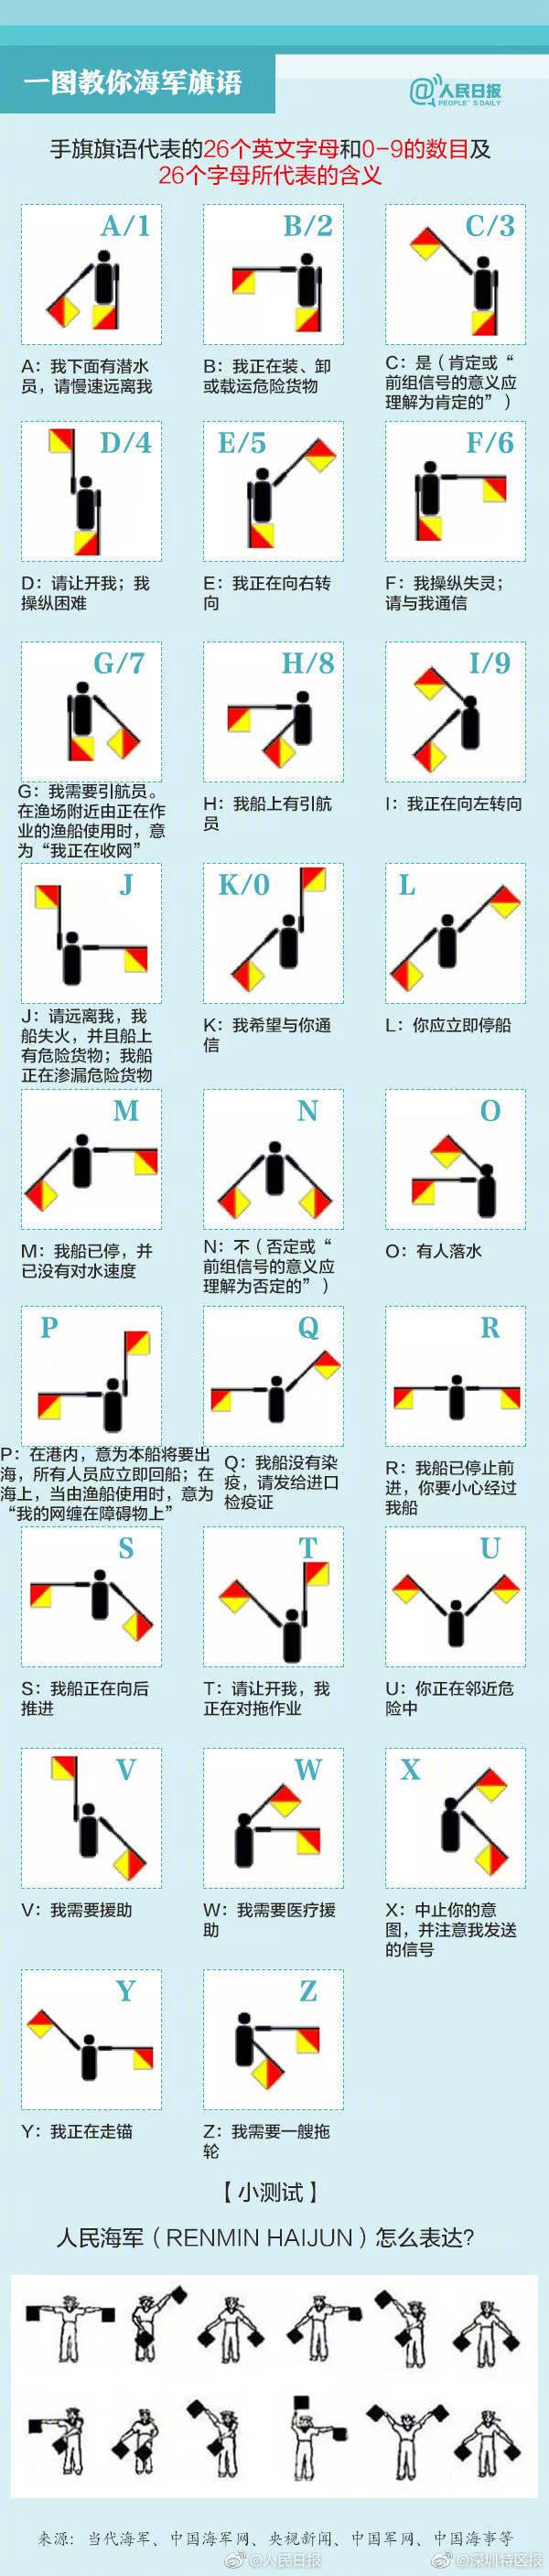 汽车的后视镜应该如何调整,减少视线盲区?